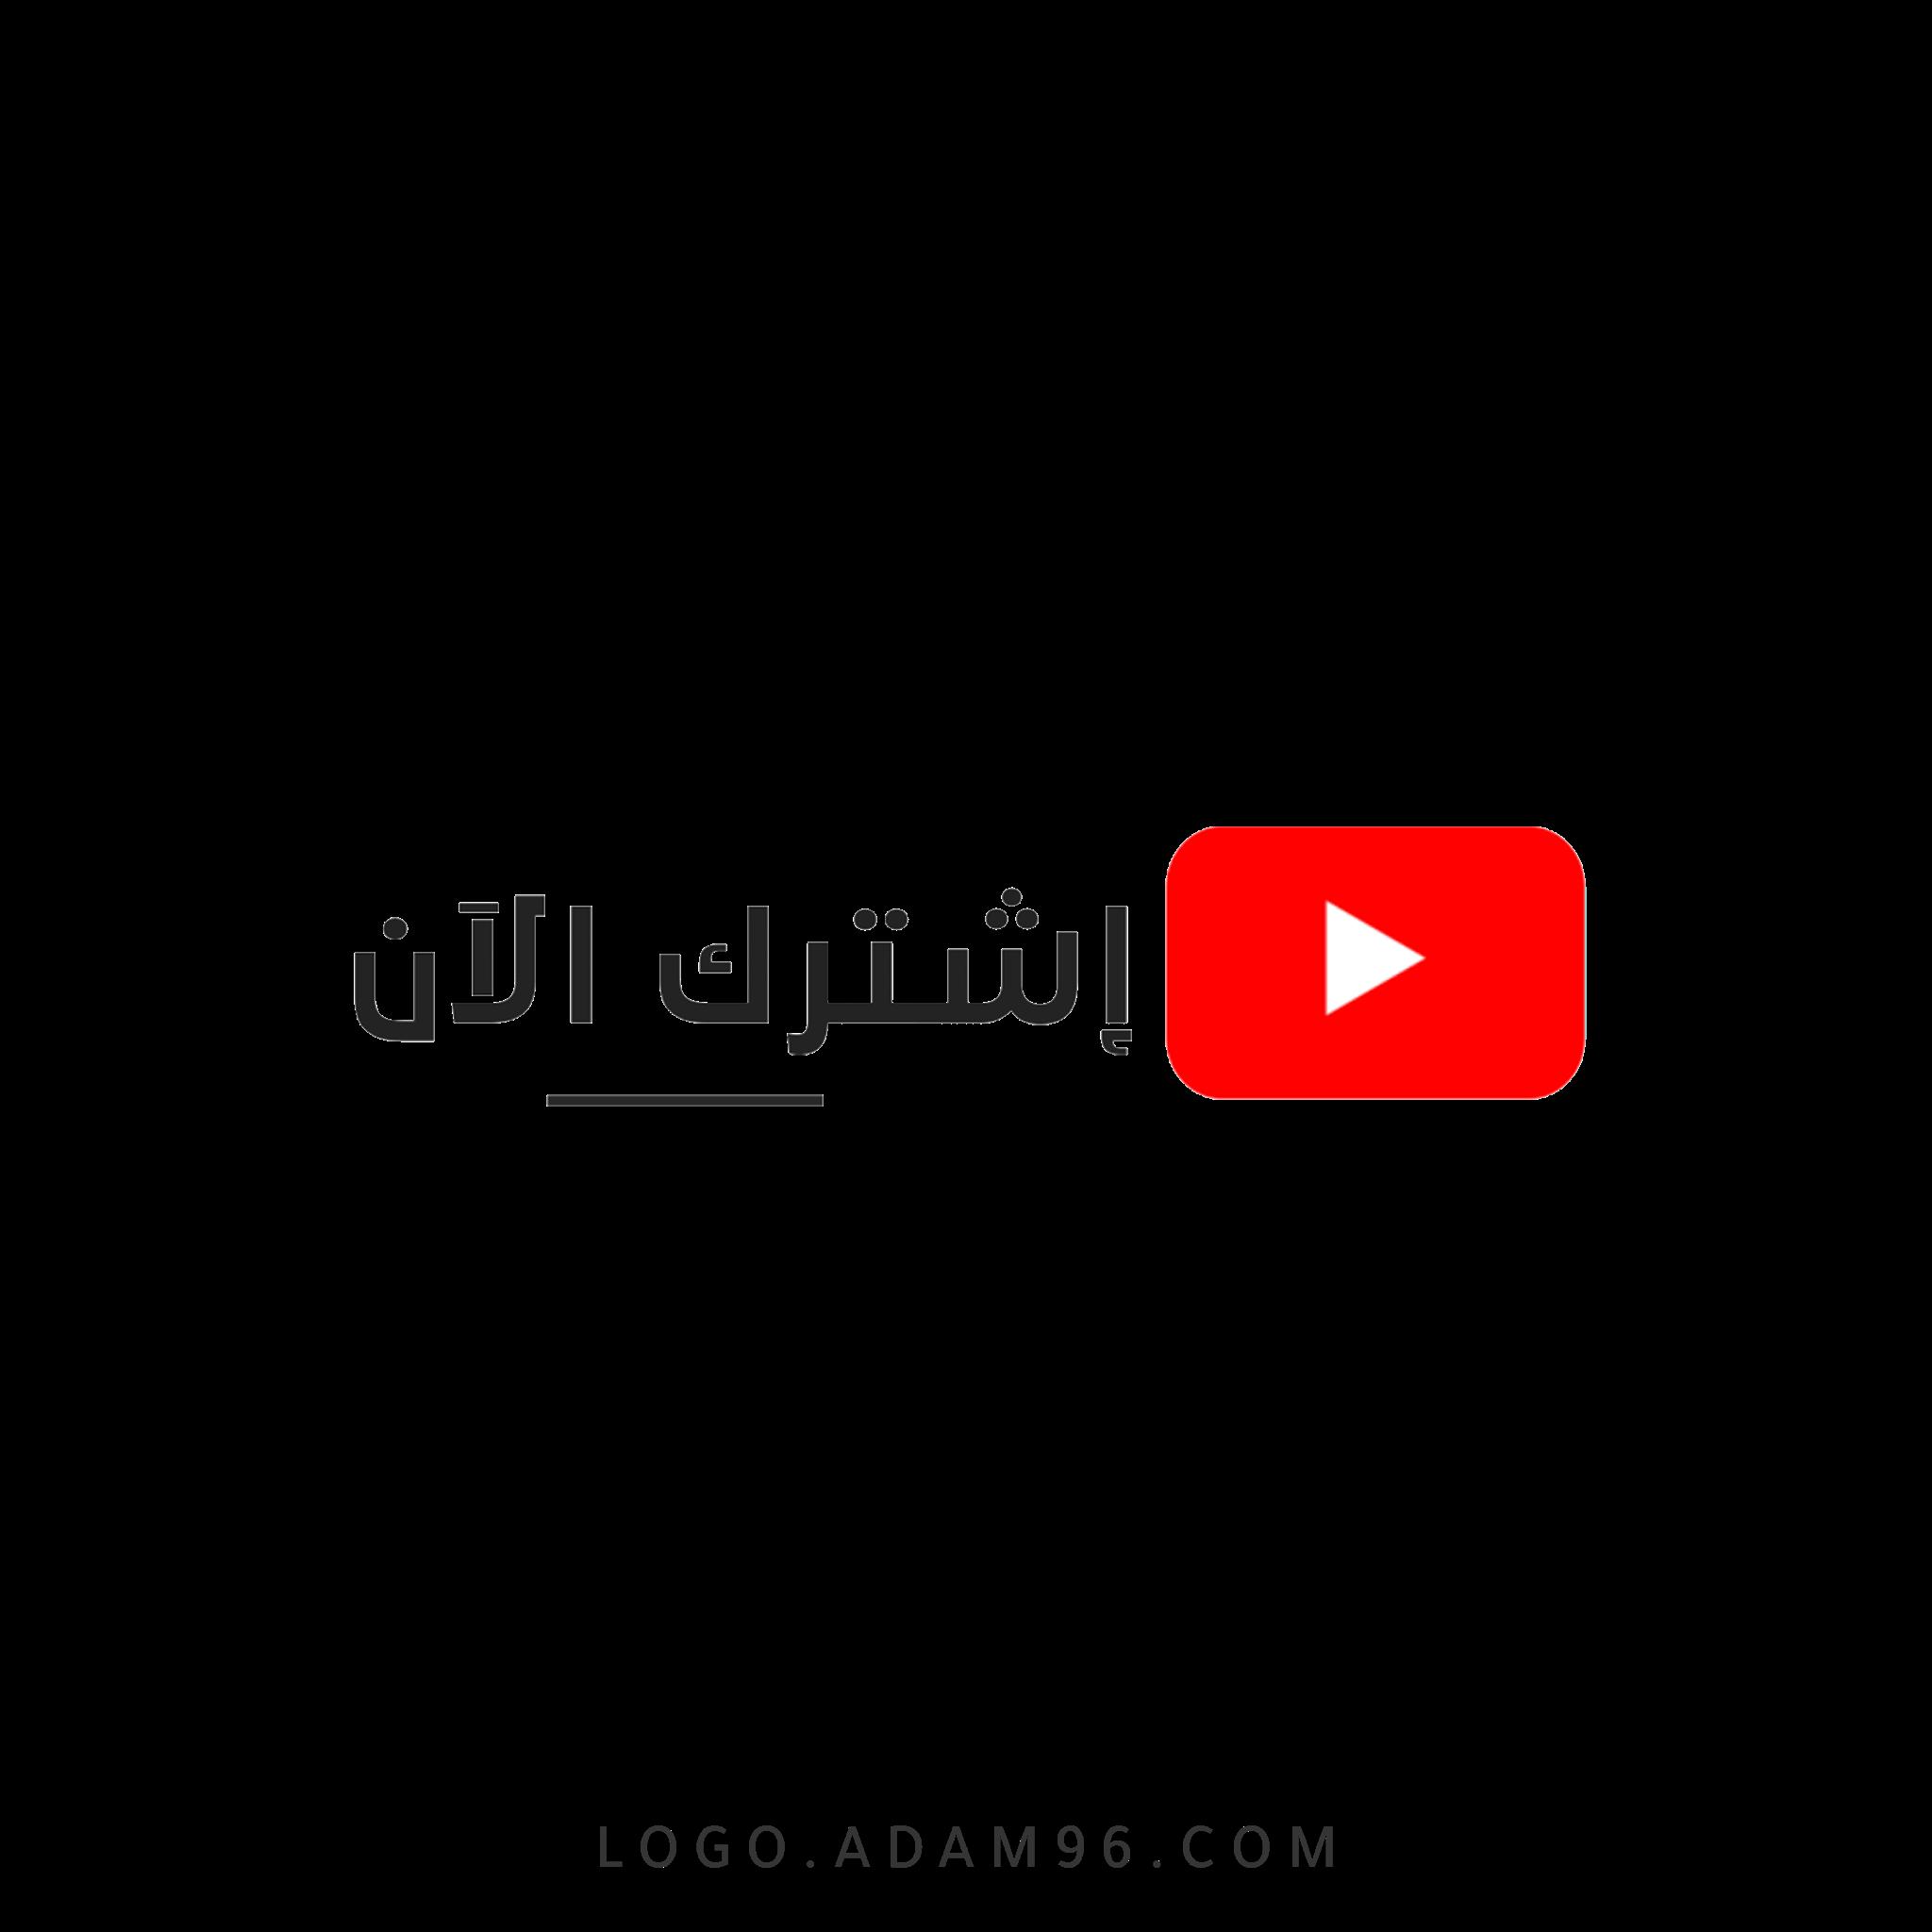 تحميل شعار اشترك الان لقنوات اليوتيوب لوجو يوتيوب بصيغة PNG